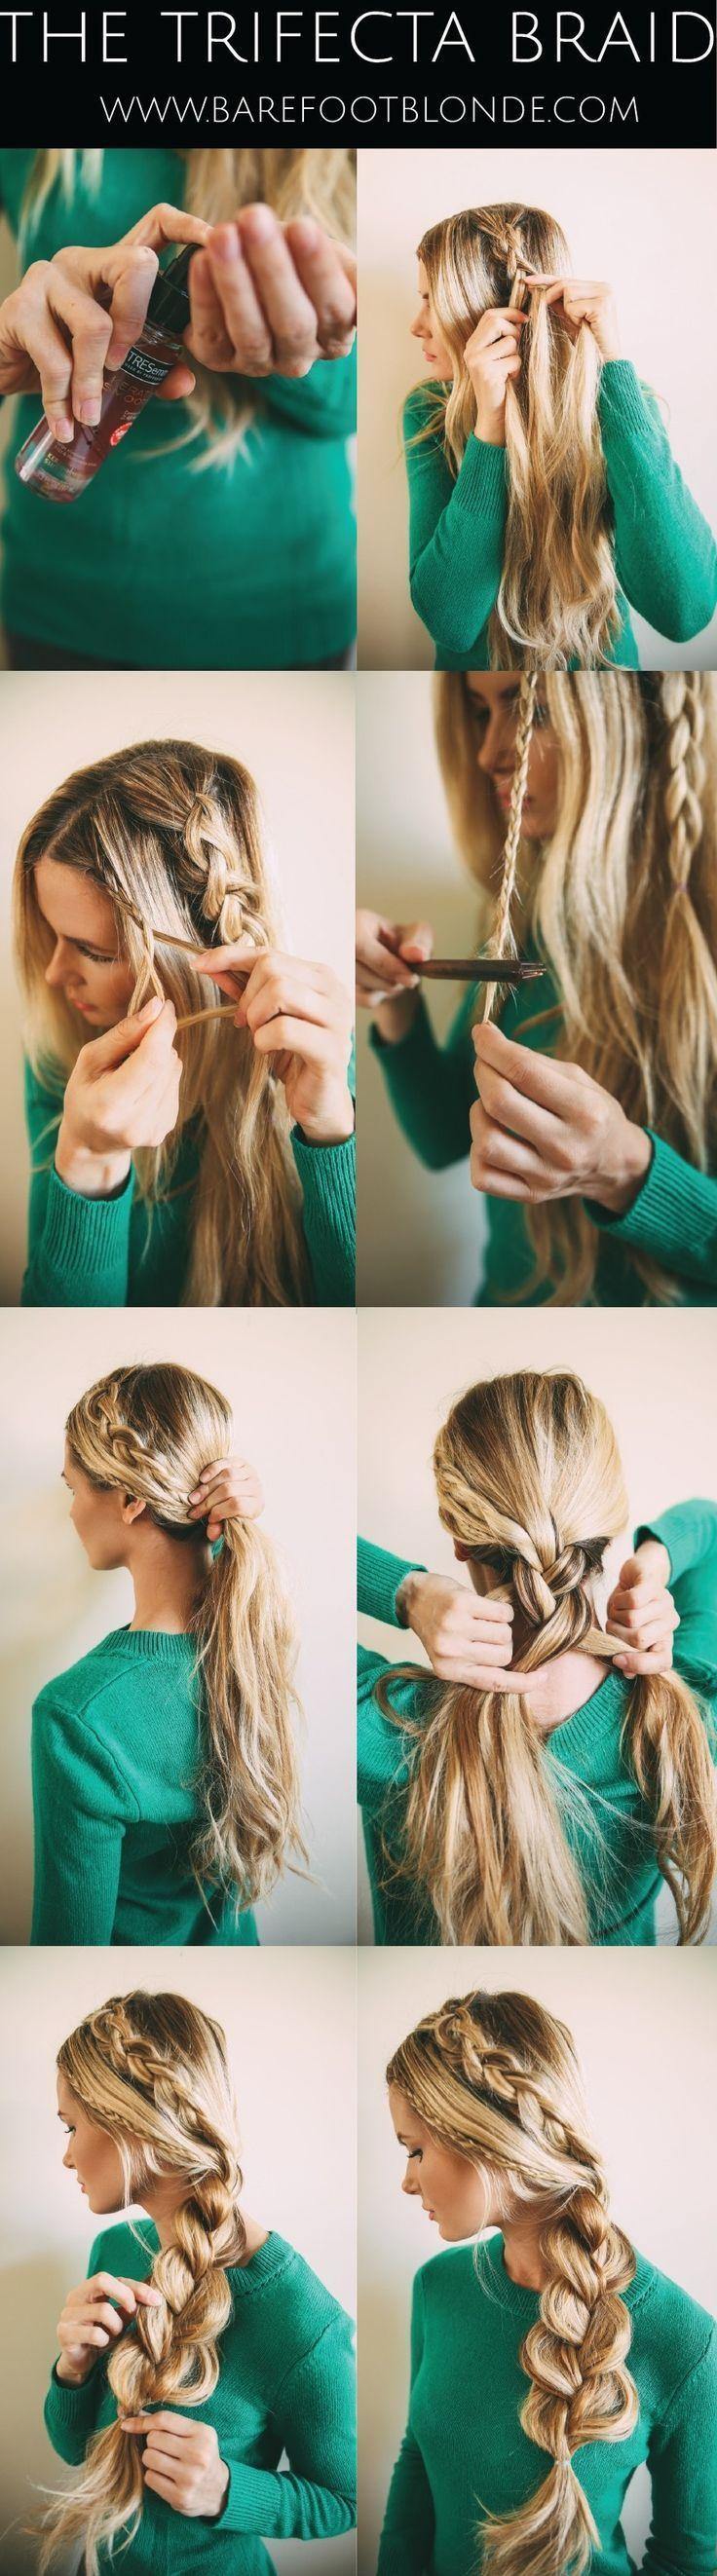 Como hacer estos 5 peinados con trenzas para novias paso a paso. Para mas #peinados con trenzas paso a paso has click en la foto! #peinadoscontrenzas